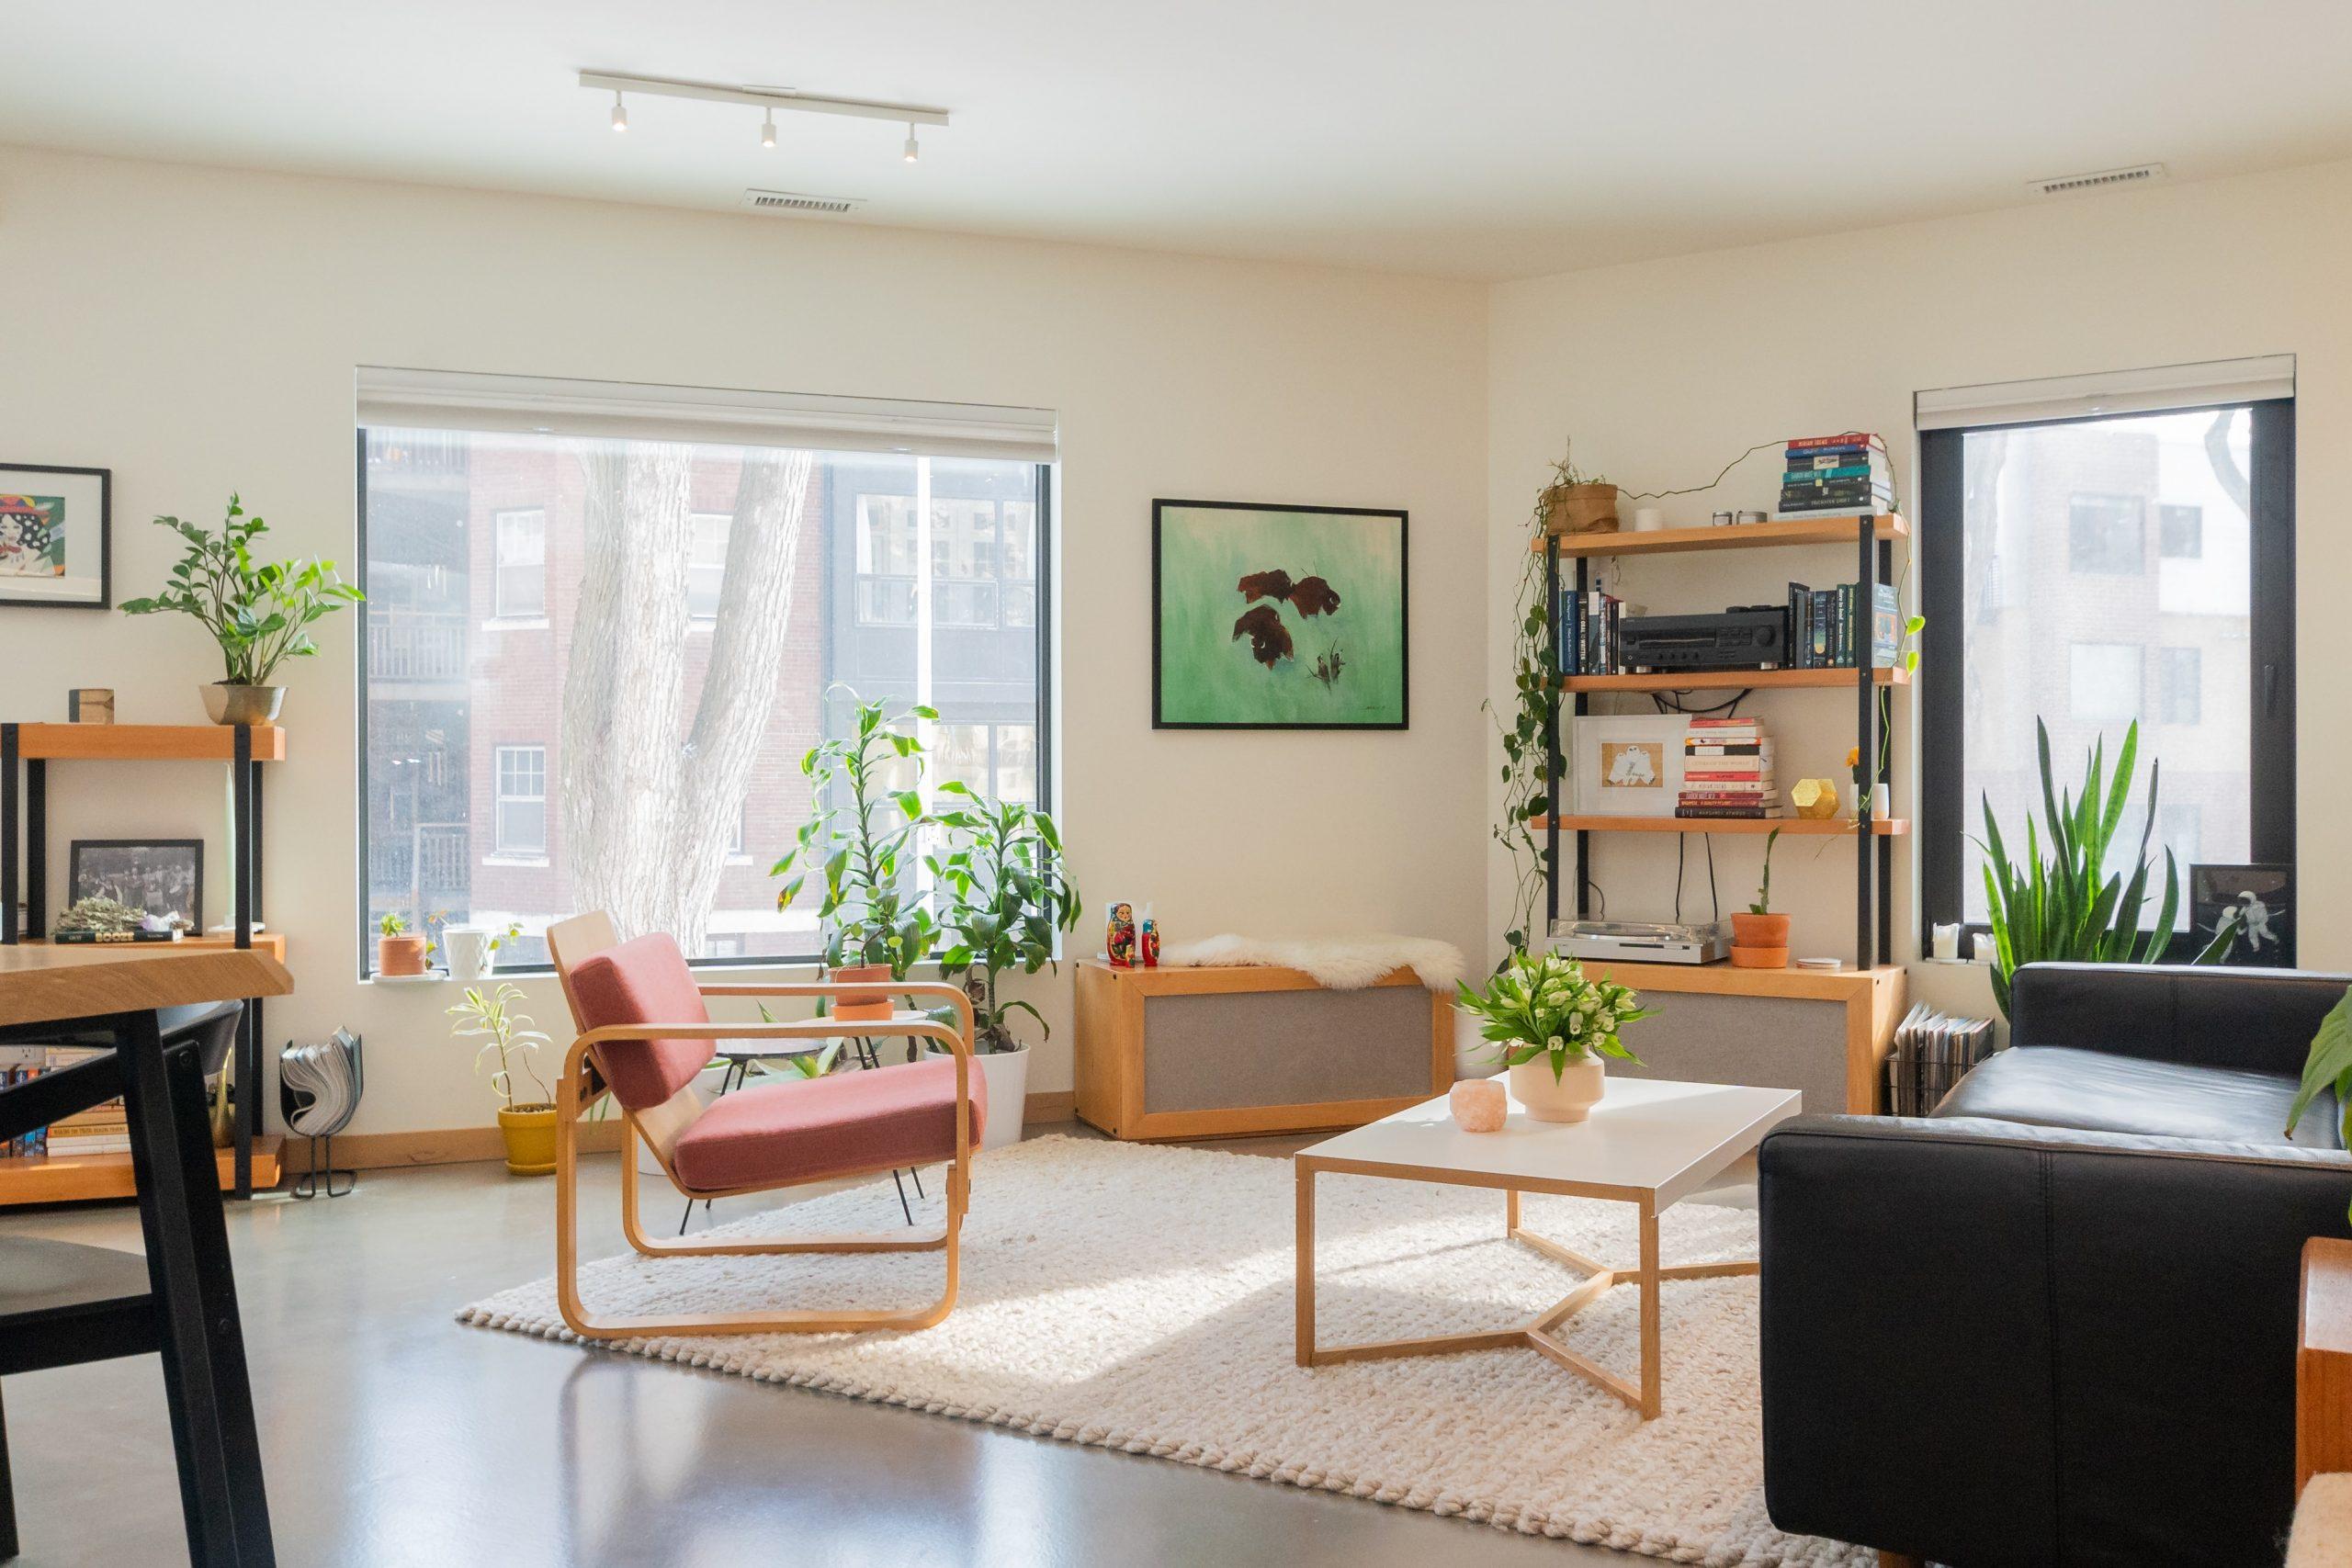 Les différents styles de décoration pour l'intérieur de la maison